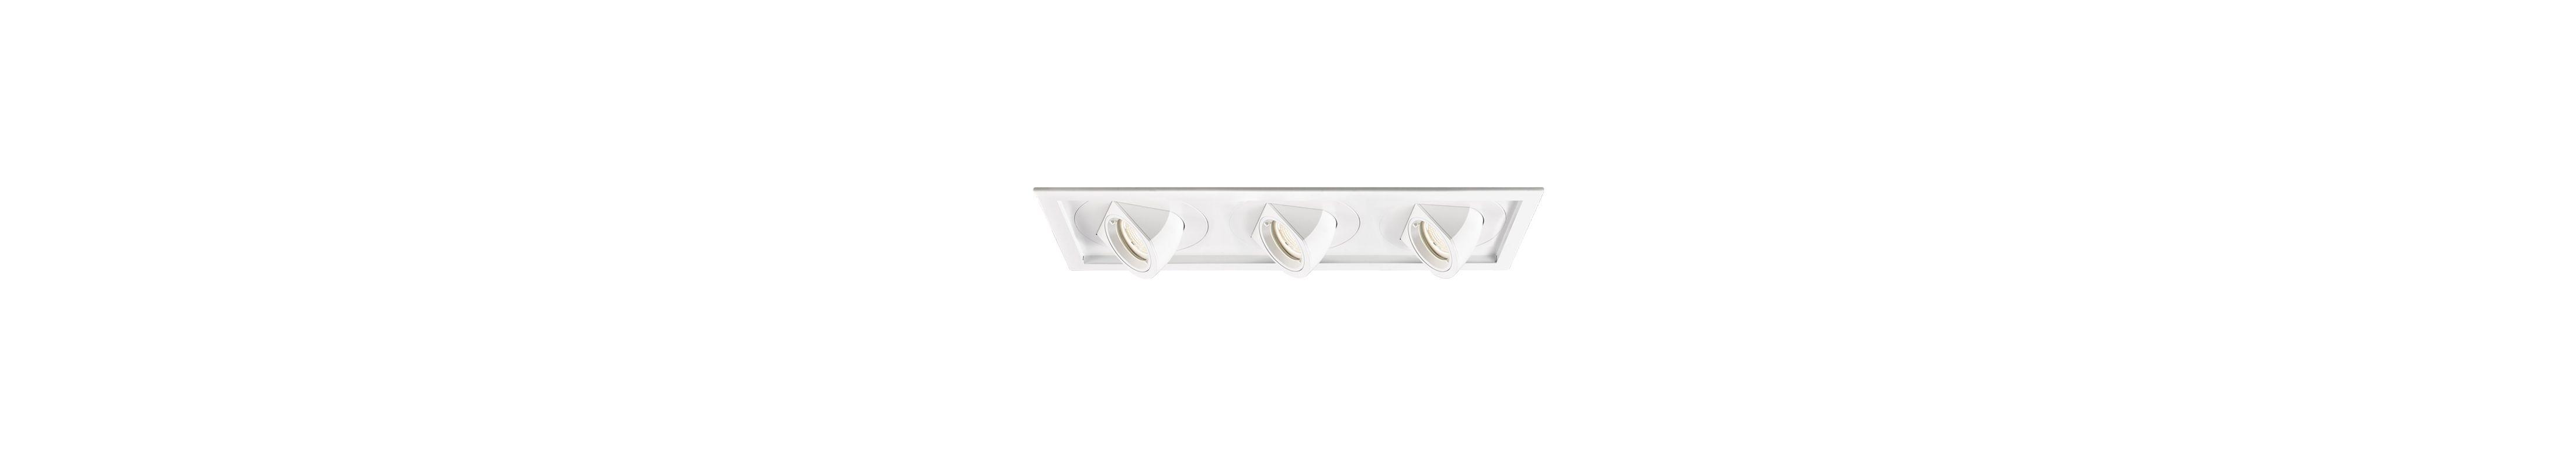 WAC Lighting MT-5LD325T-S27 Multiple Spot 2700K High Output LED Sale $351.00 ITEM#: 2426923 MODEL# :MT-5LD325T-S27-WT UPC#: 790576278636 :